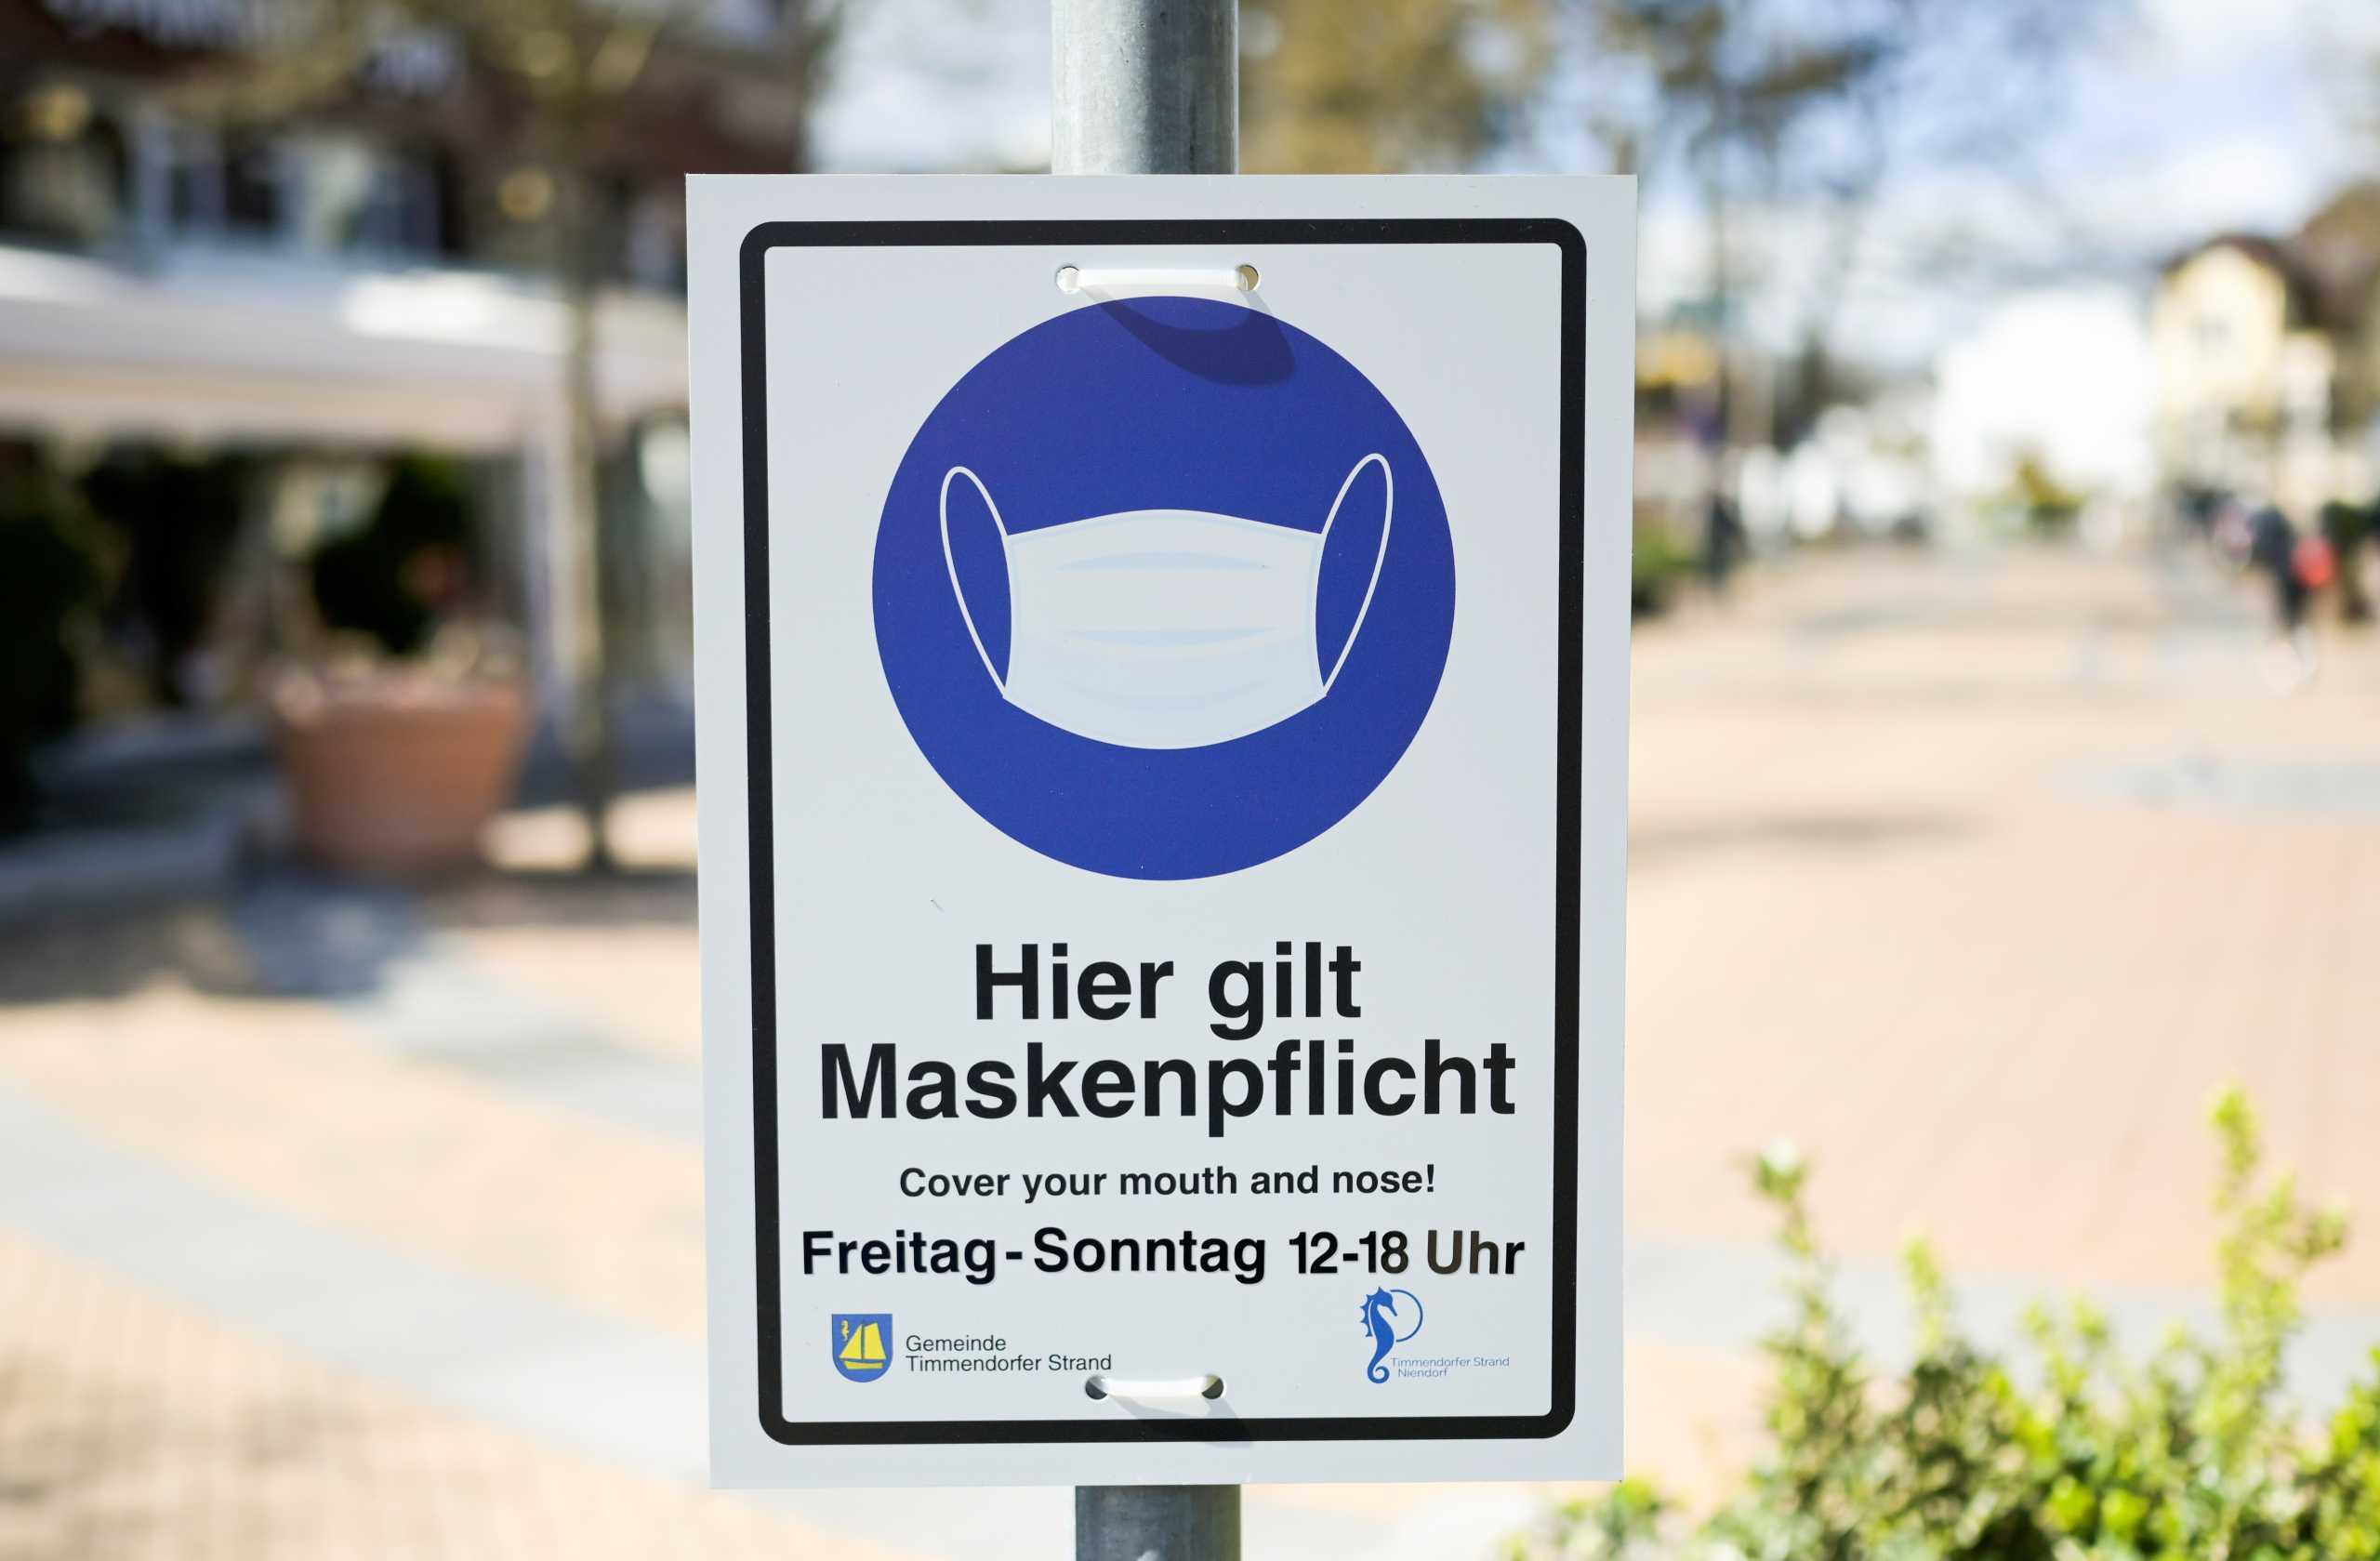 Γερμανία: «Διαξιφισμοί» για το εθνικό φρένο έκτακτης ανάγκης για τον κορονοϊό